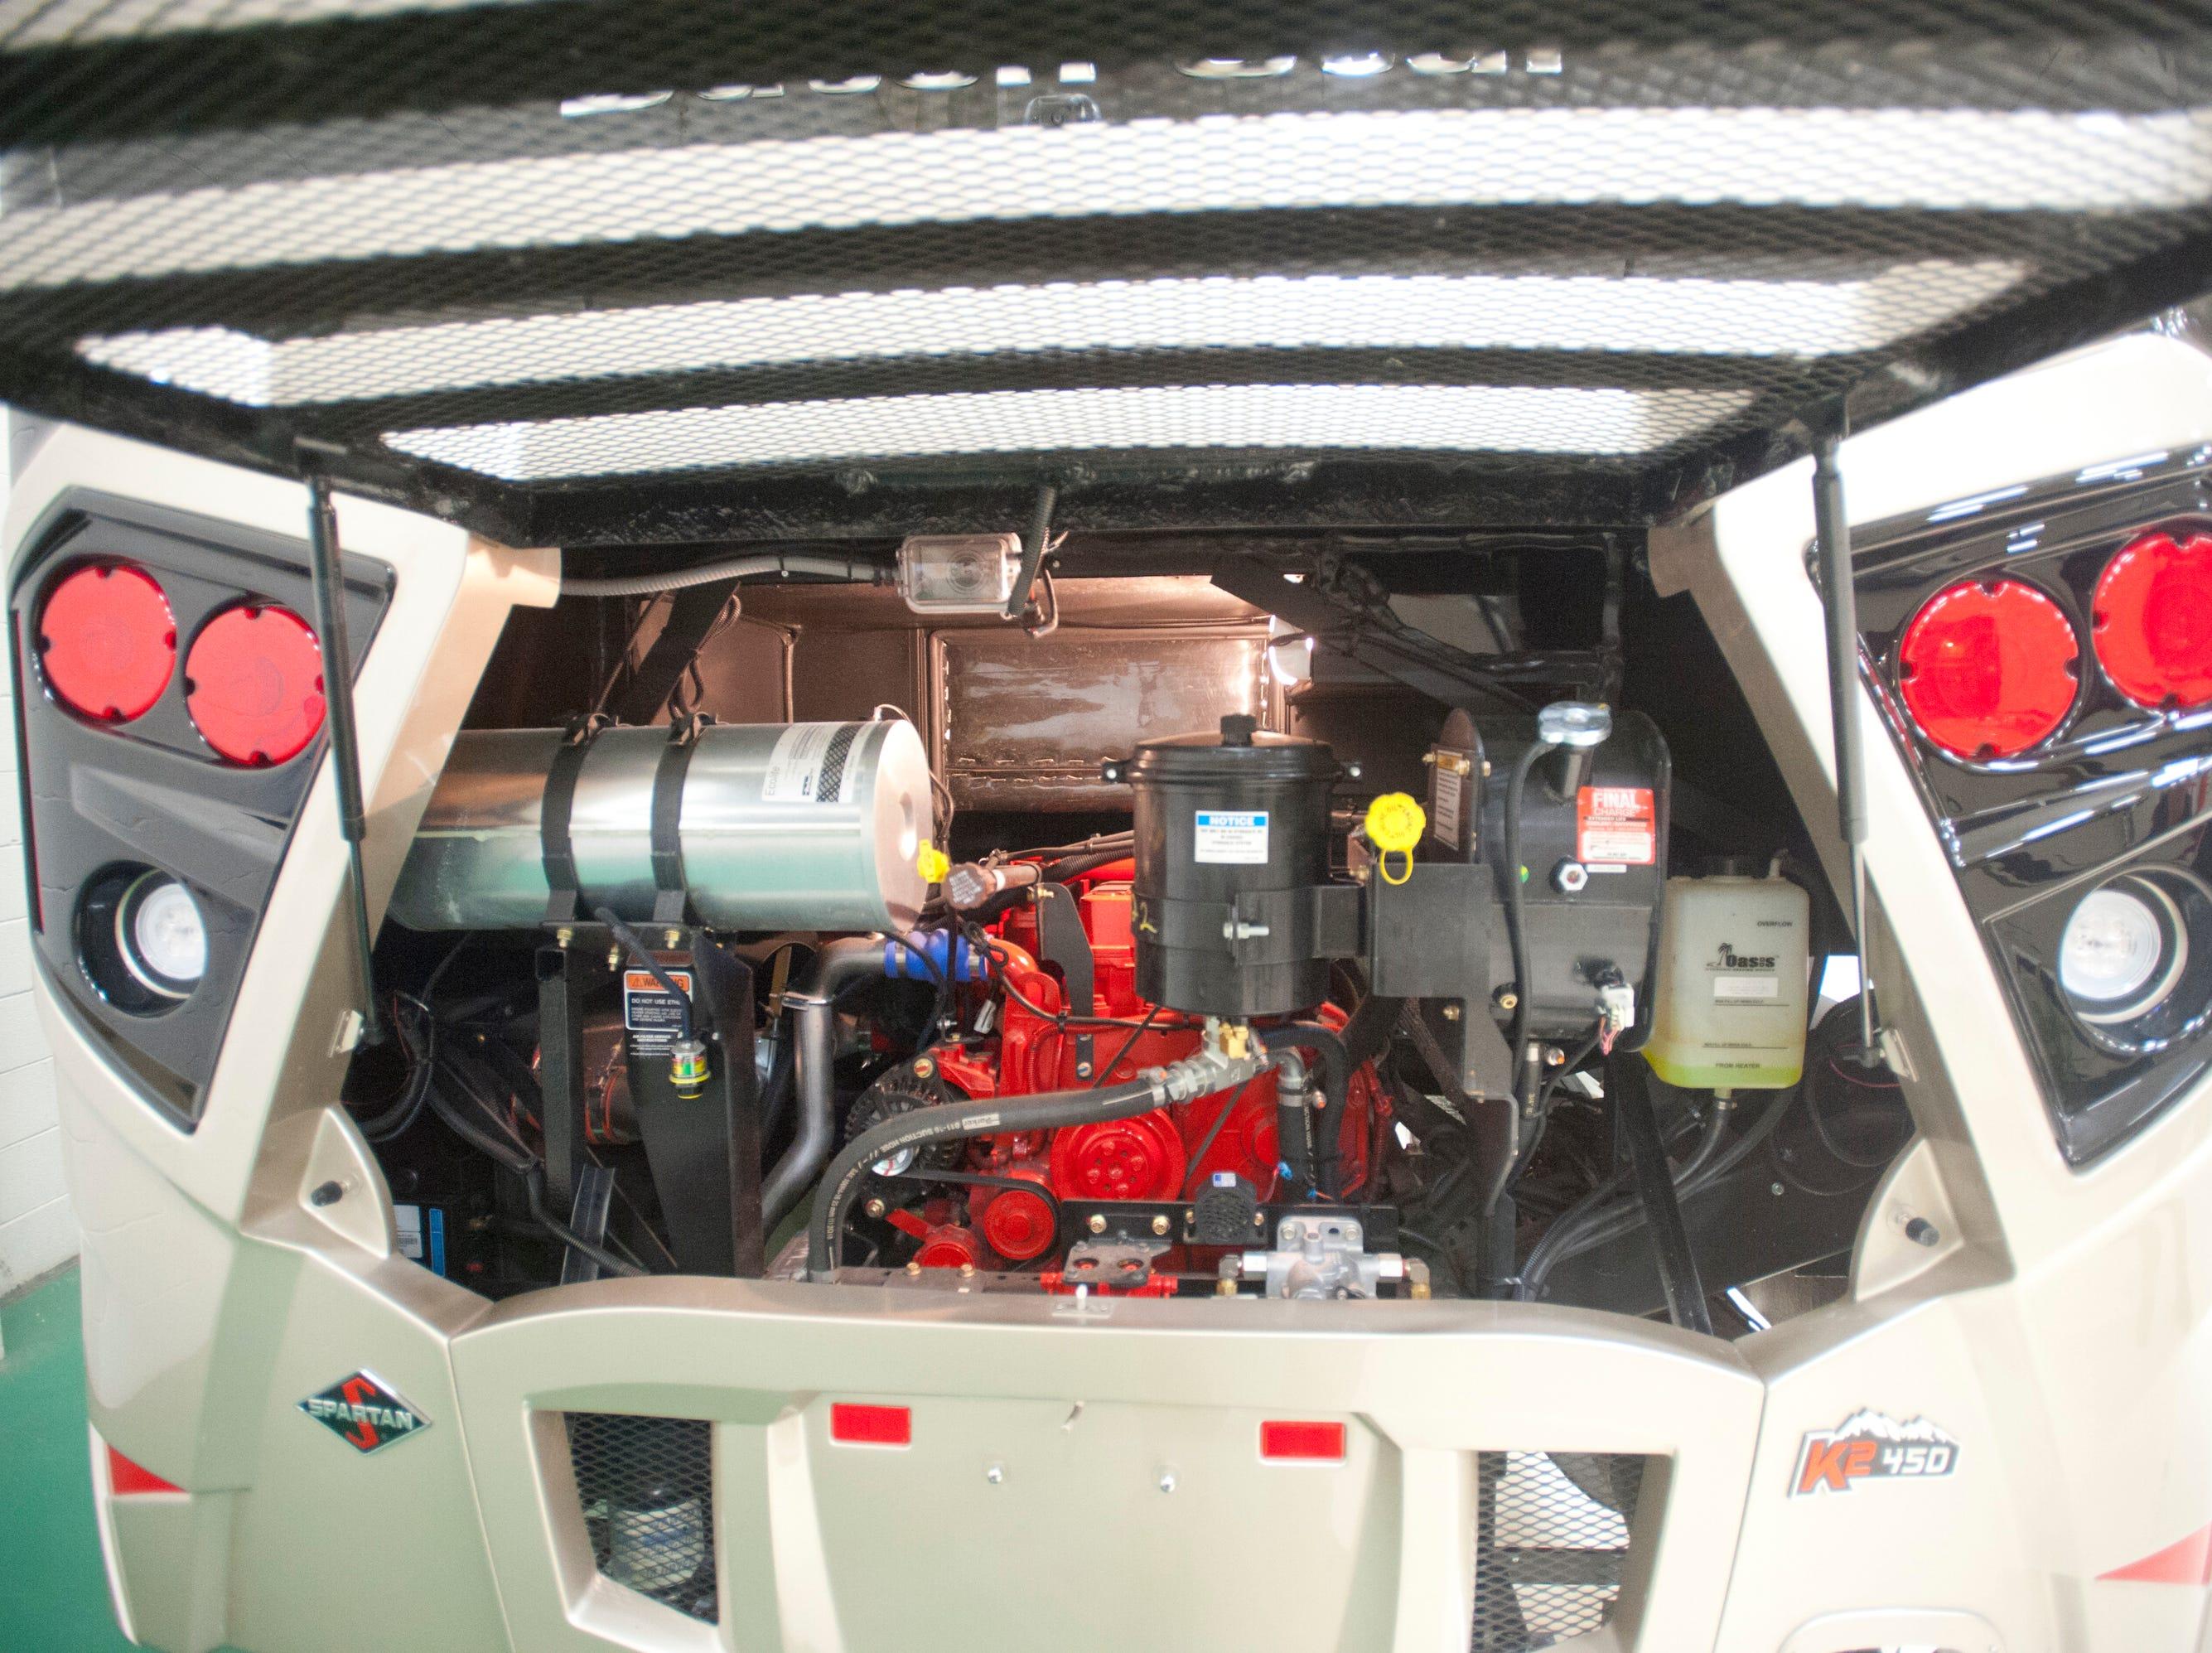 The Dutch Star features a 6.7 liter 450 horsepower Cummins diesel engine. 11 December 2018